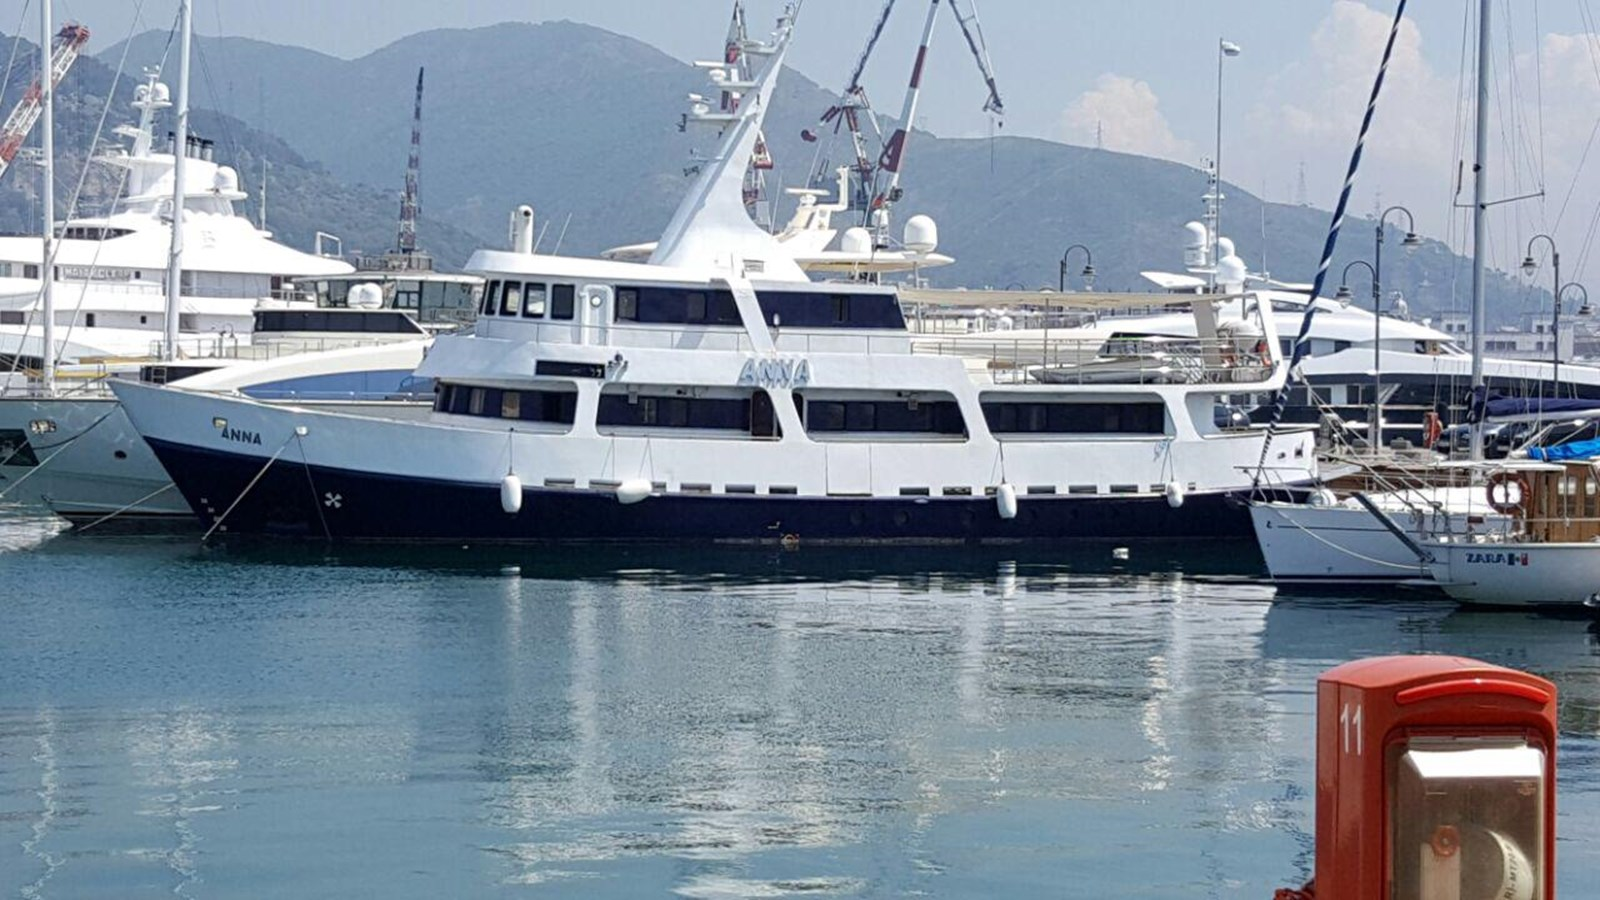 ANNA I yacht for sale